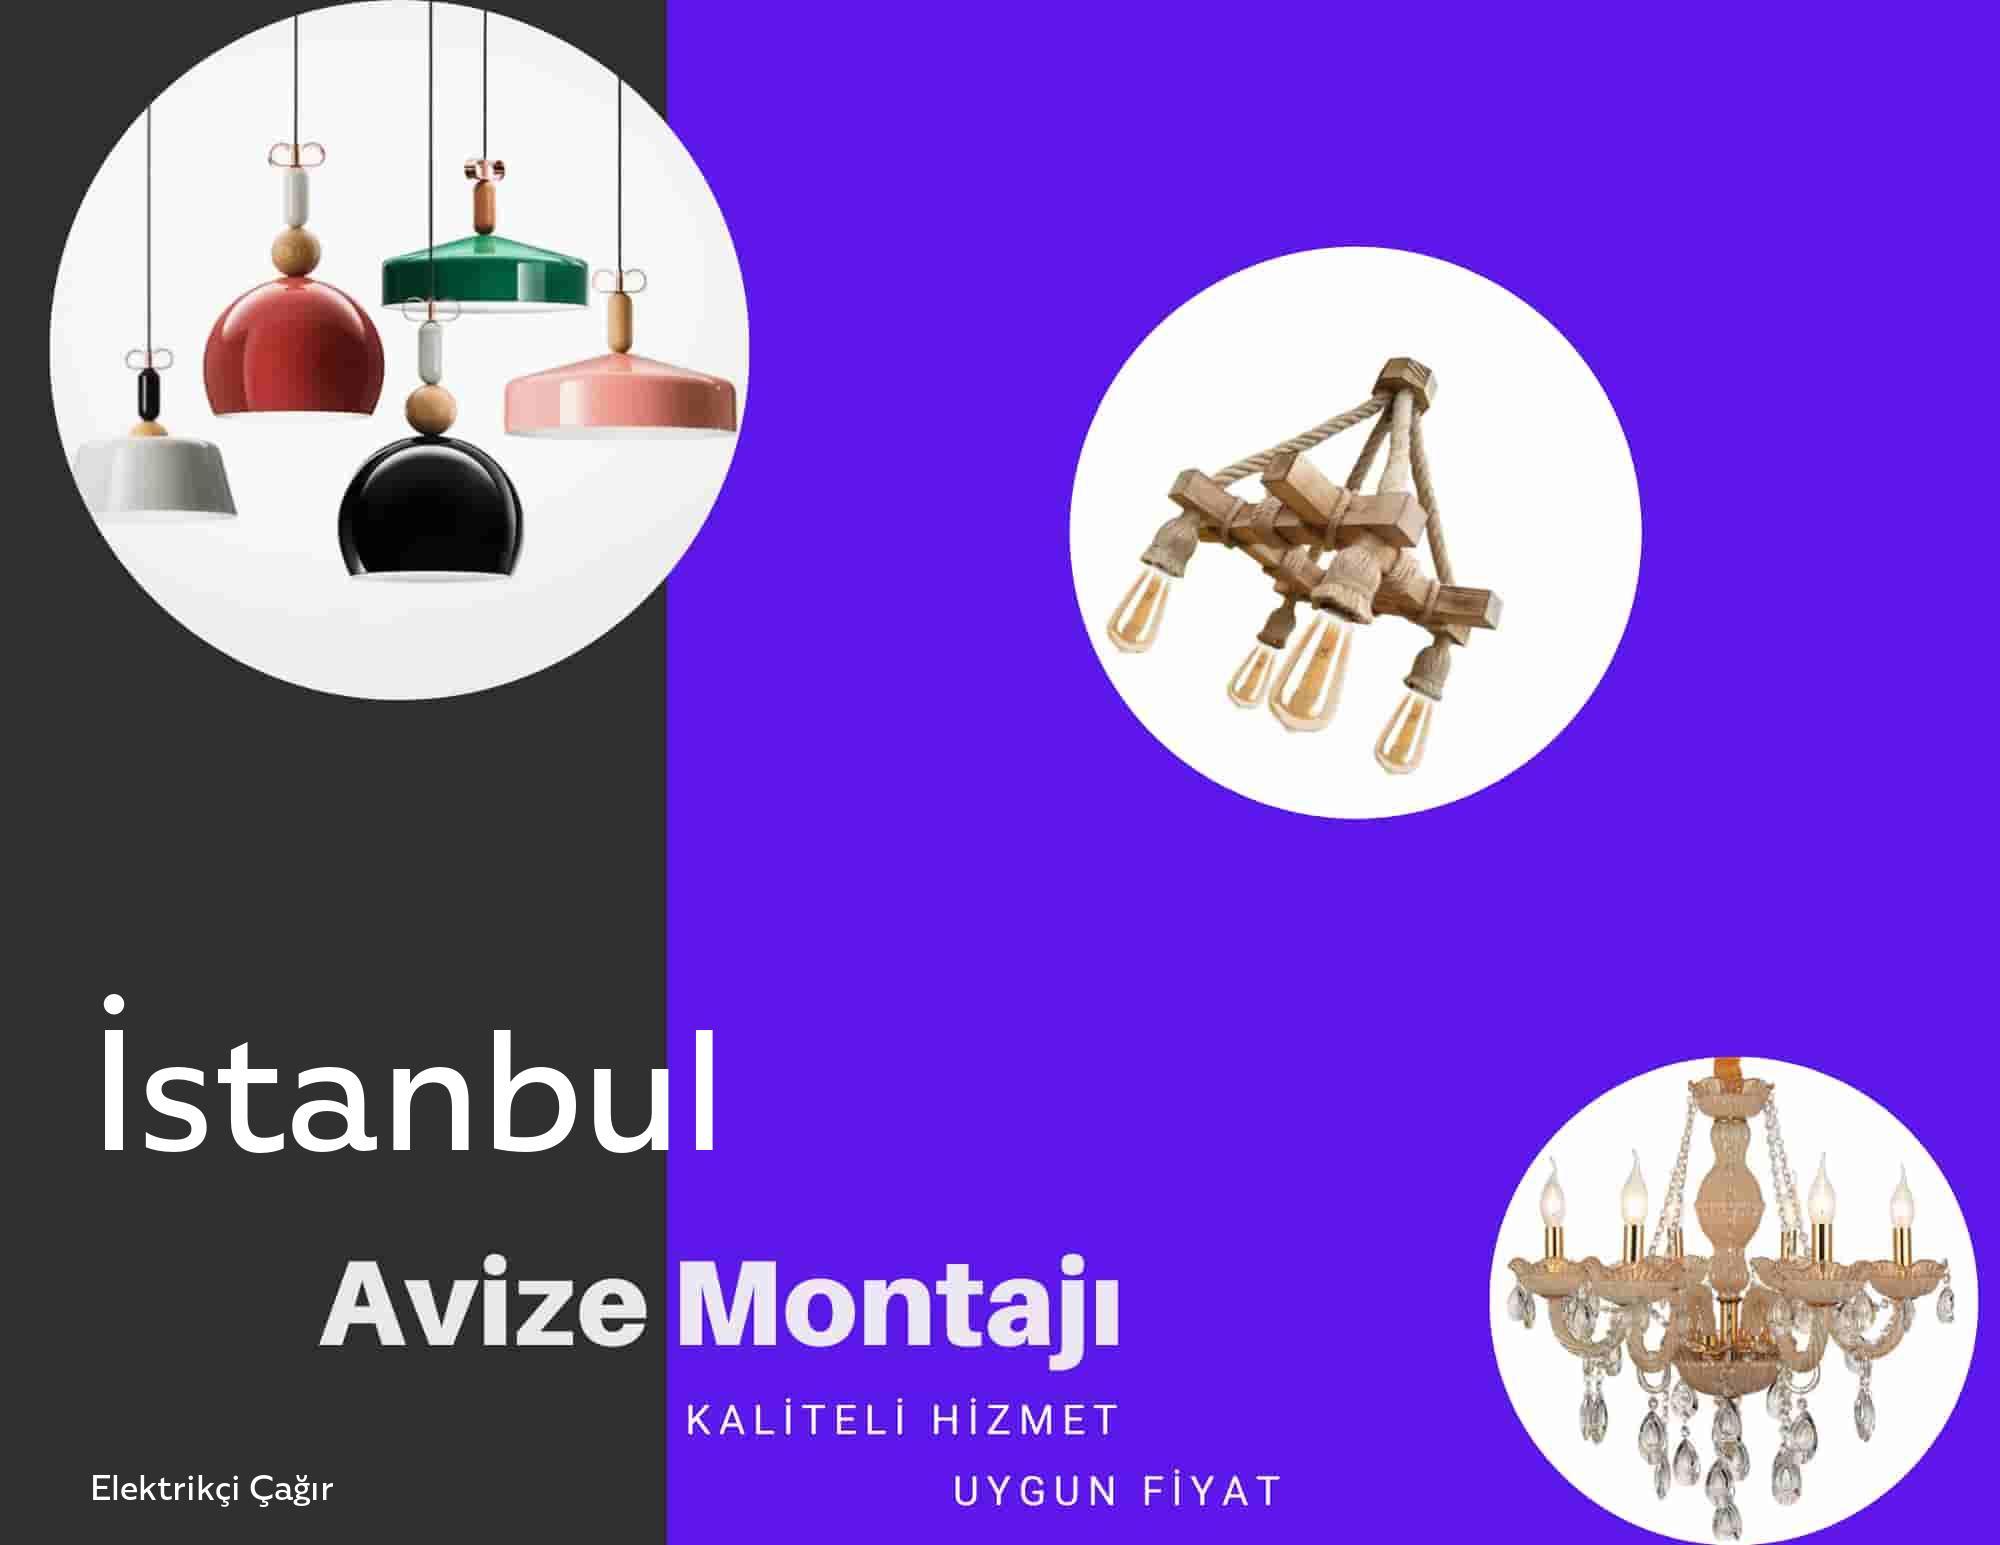 İstanbulde avize montajı yapan yerler arıyorsanız elektrikcicagir anında size profesyonel avize montajı ustasını yönlendirir.